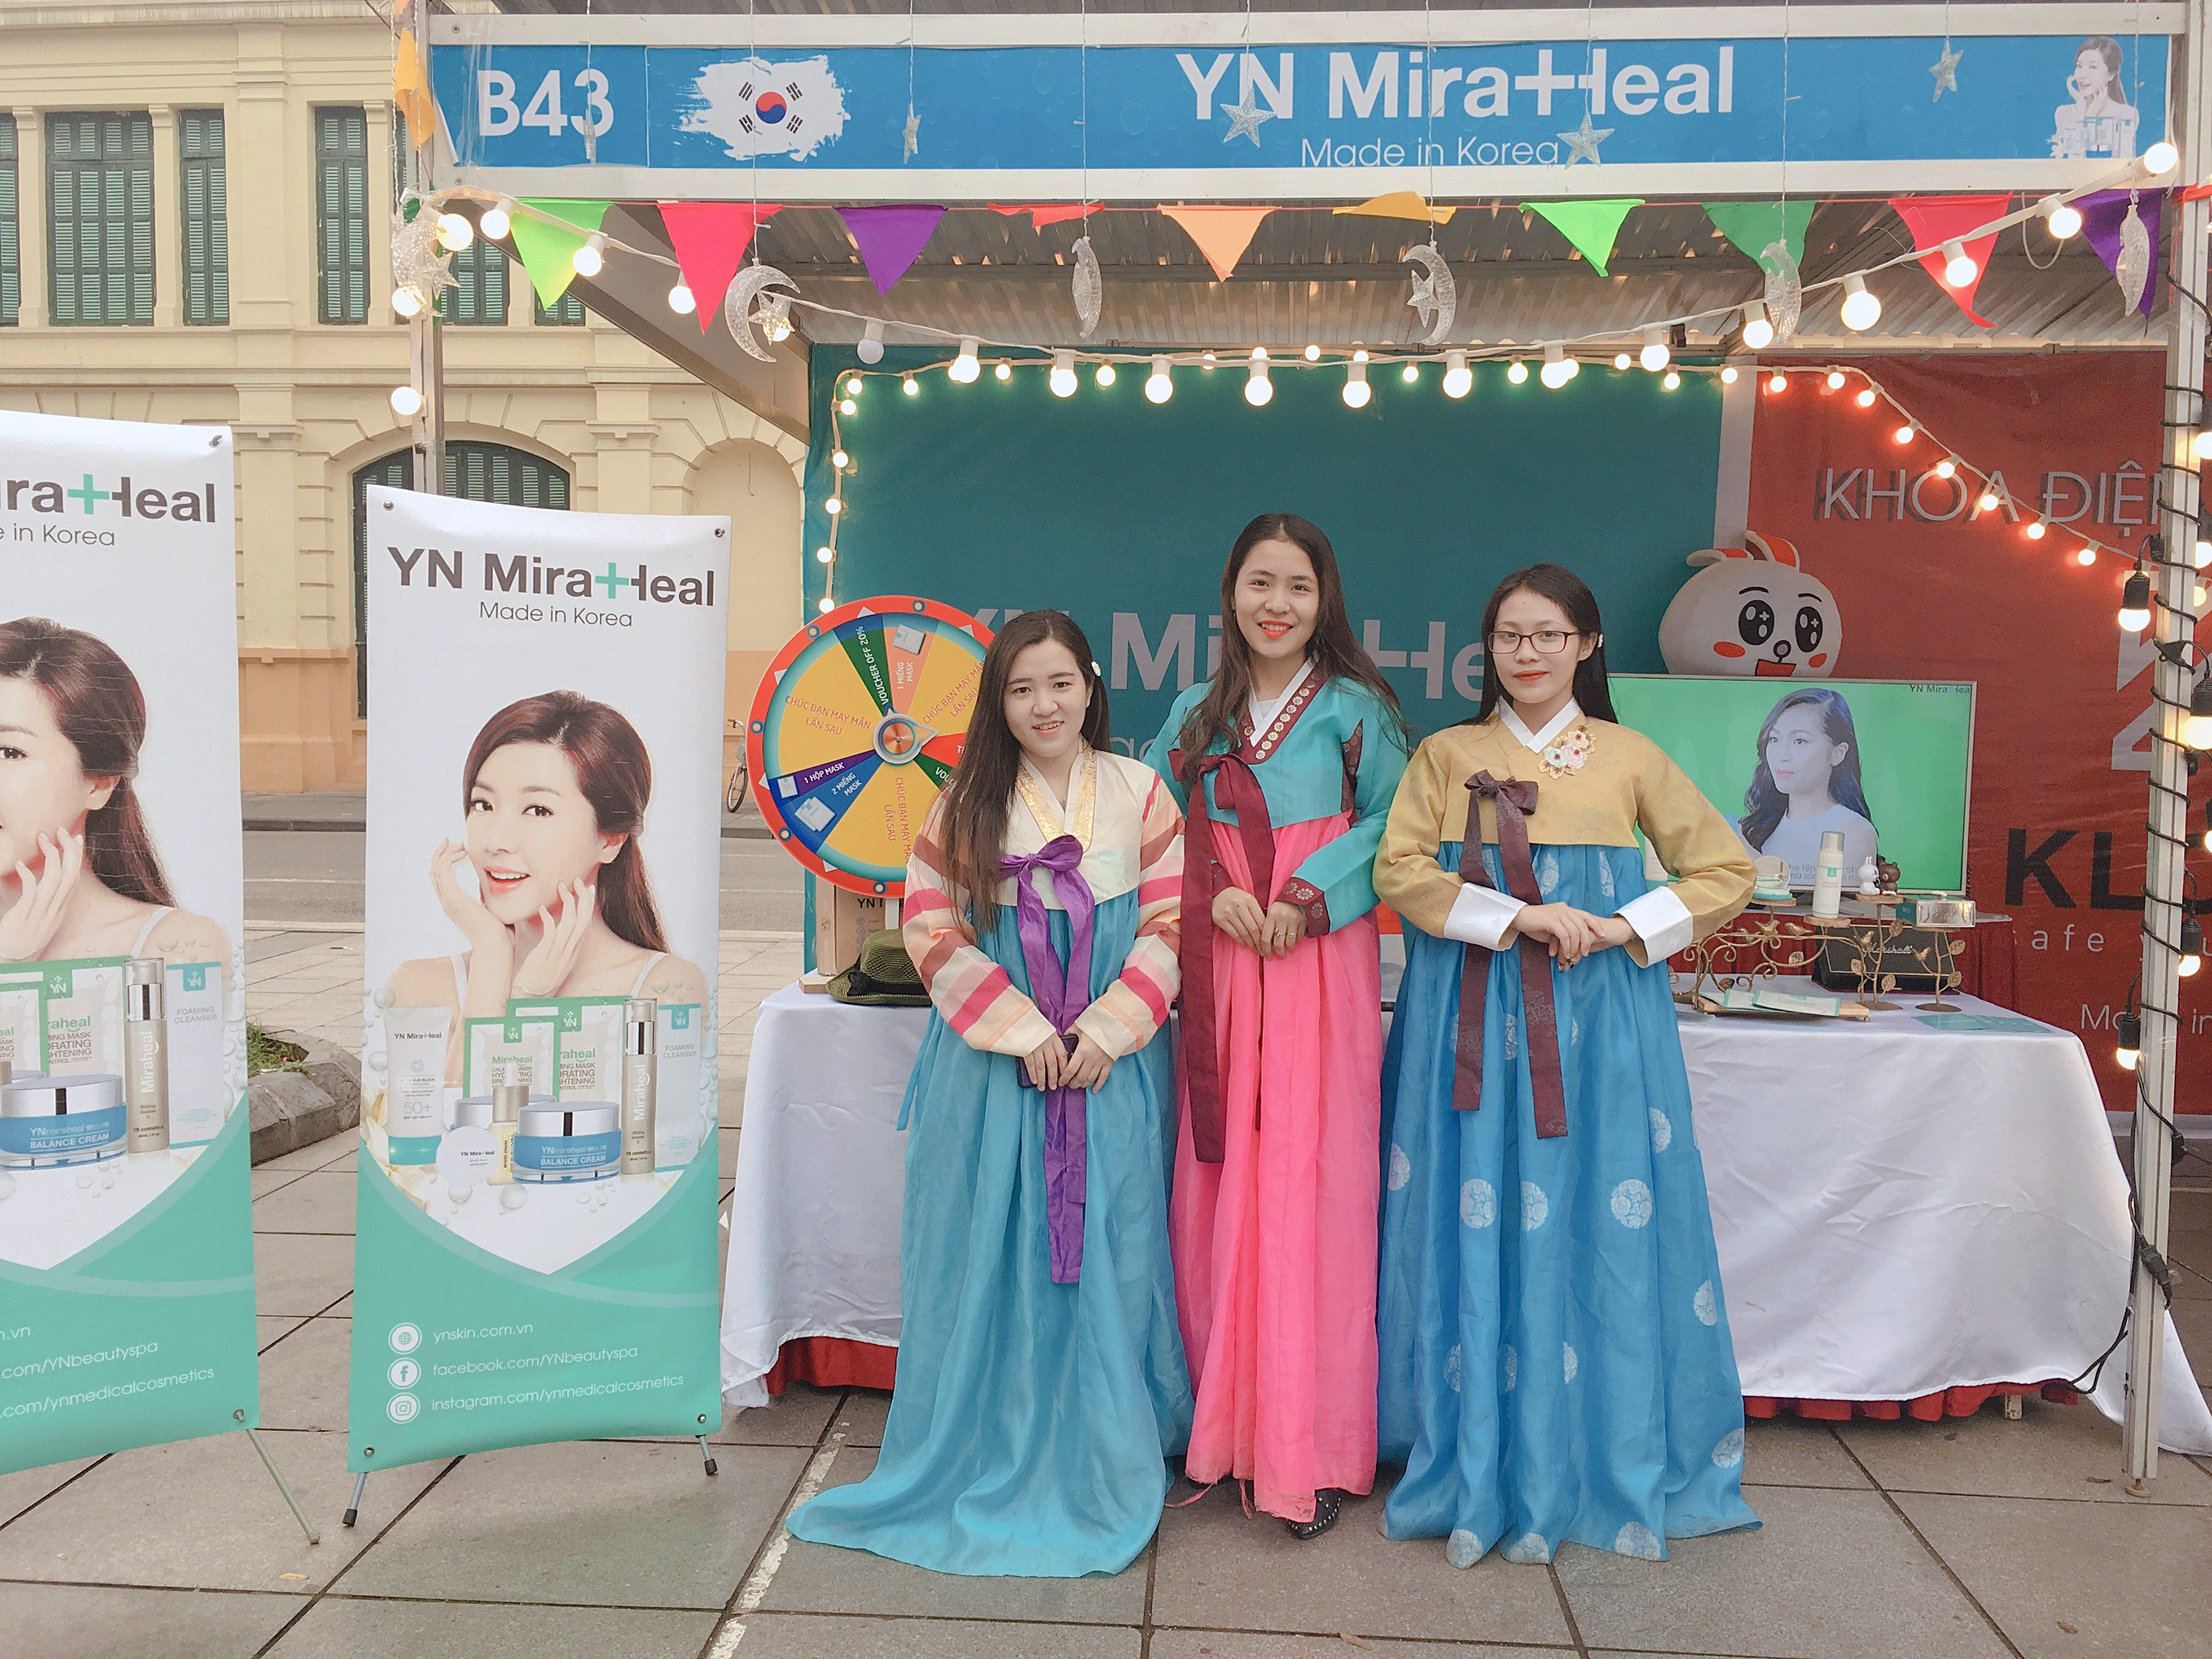 Du khách tham gian đặc biệt thích thú check-in với trang phục truyền thống Hàn Quốc tại gian hàng của YN Miraheal